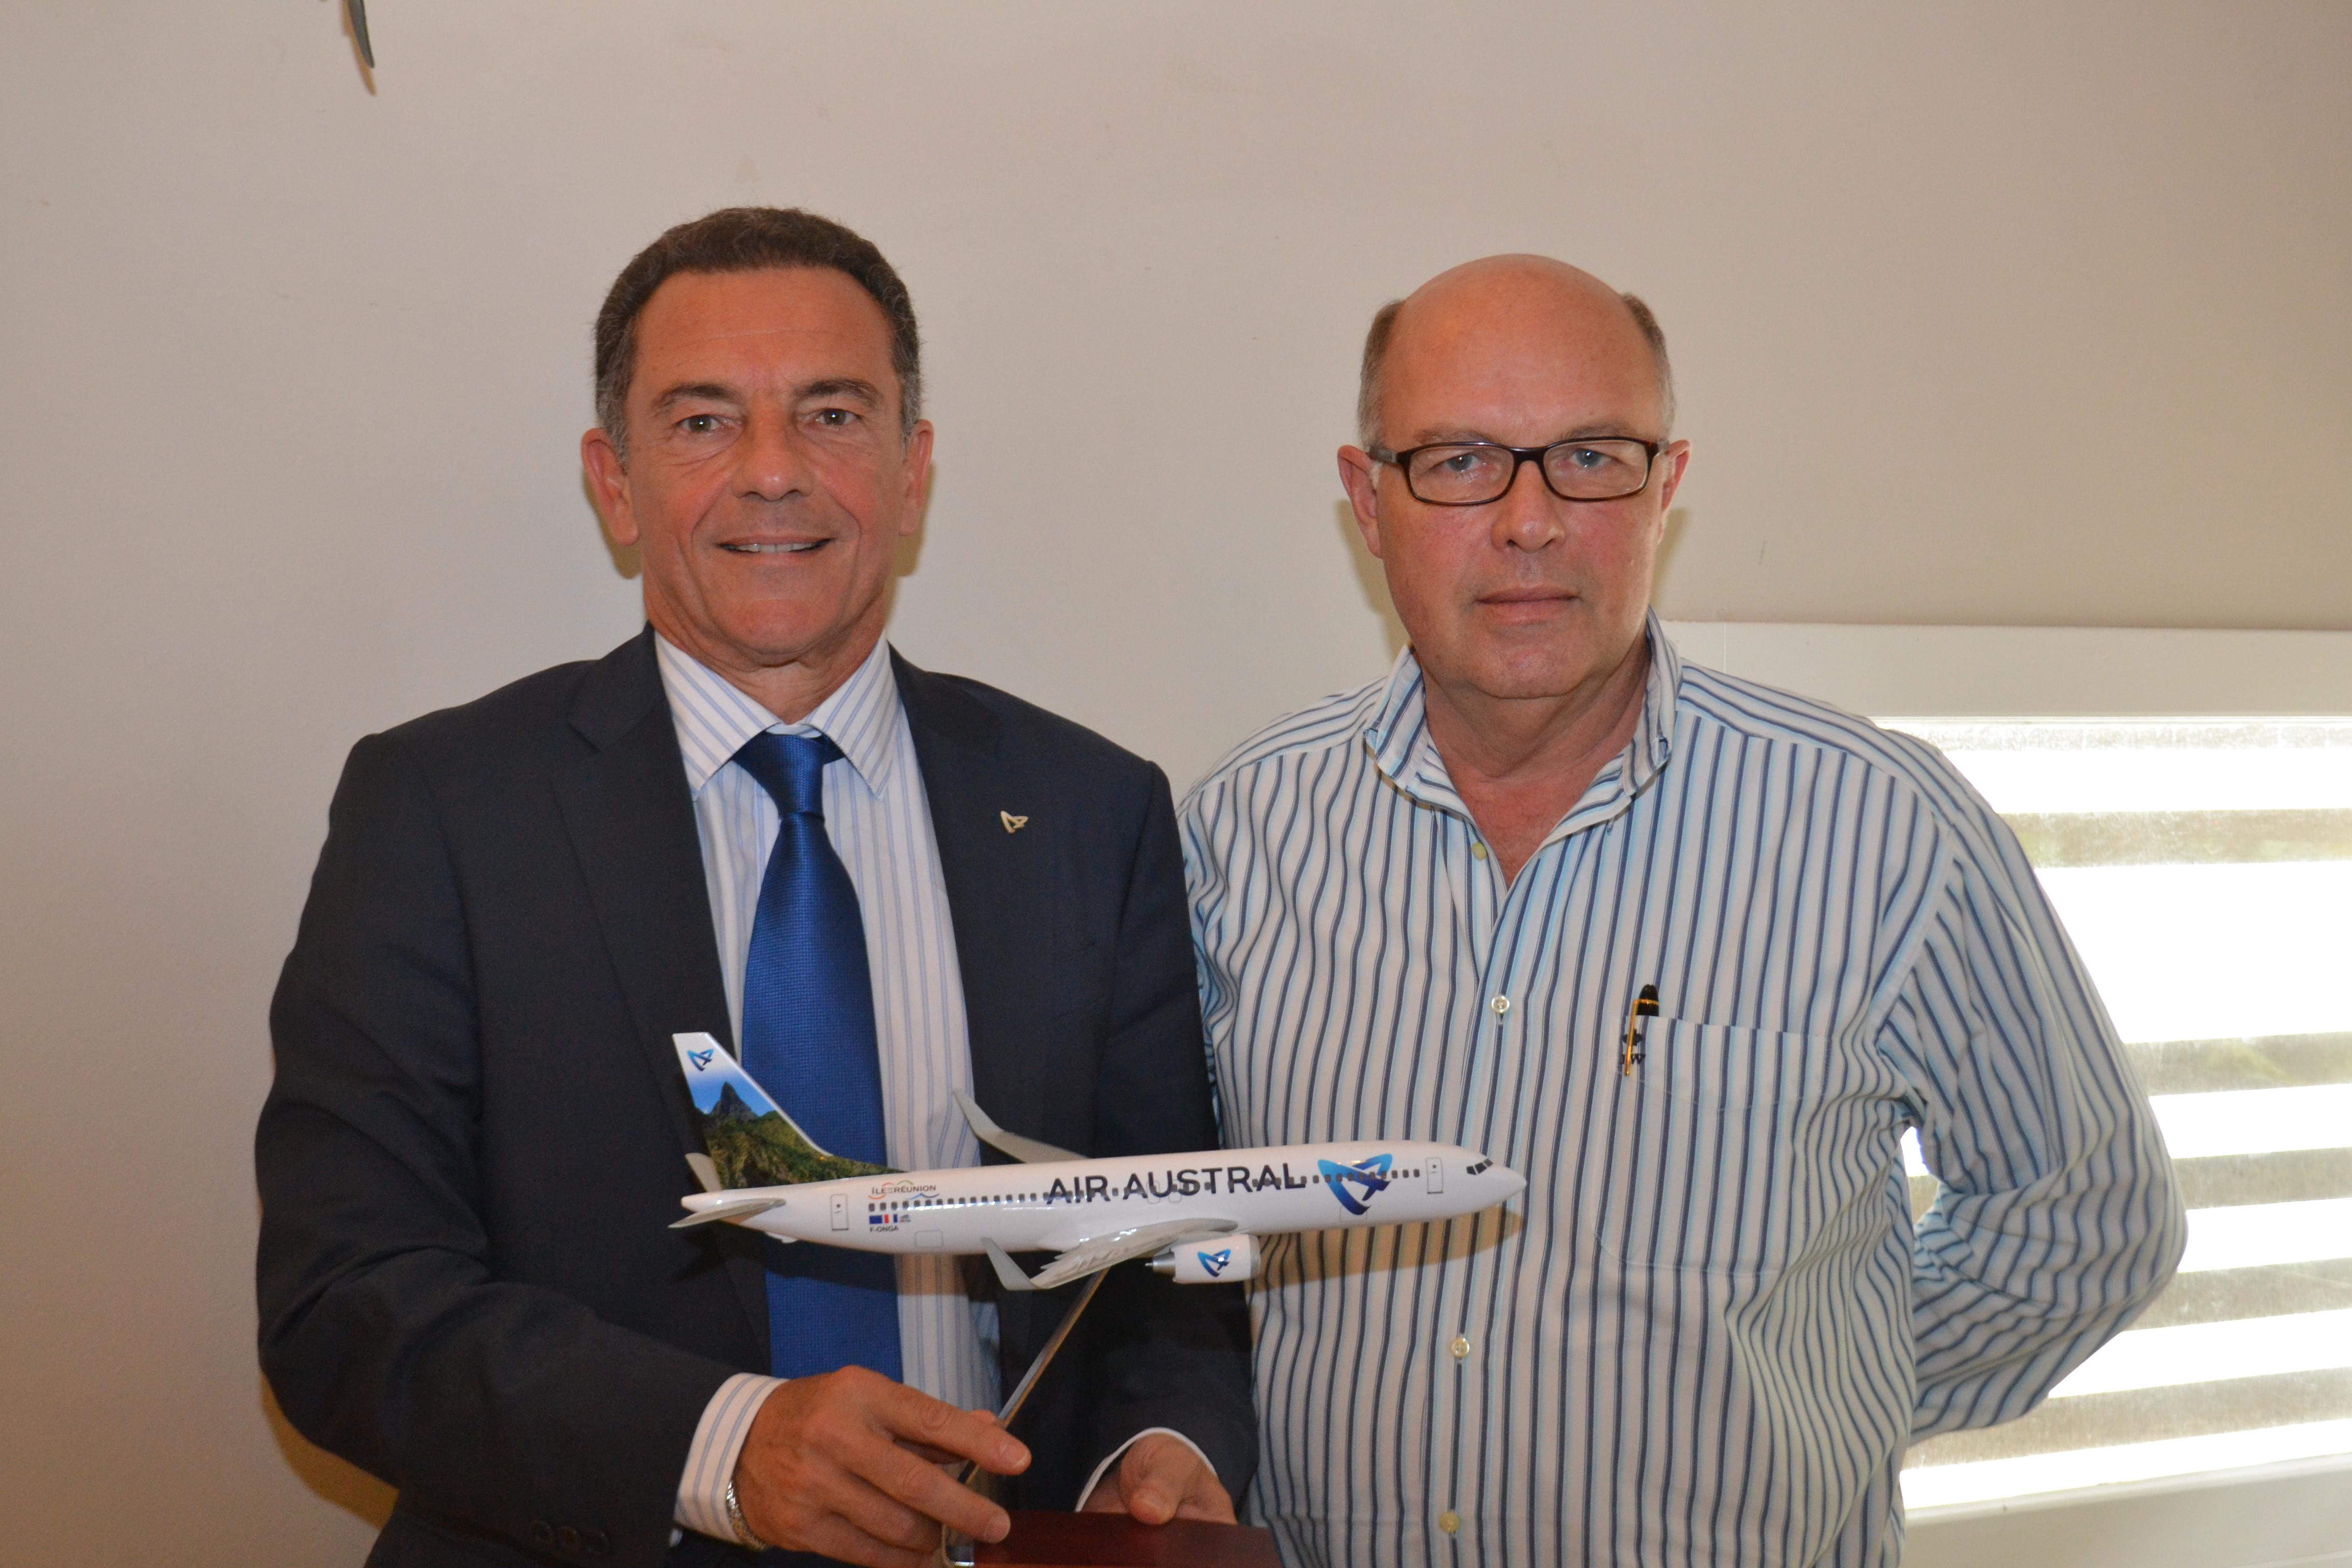 Jean-Marc Grazzini, directeur général adjoint en charge des Affaires Commerciales d'Air Austral, et Stéphane Baras, directeur général des hôtels LUX* de La Réunion